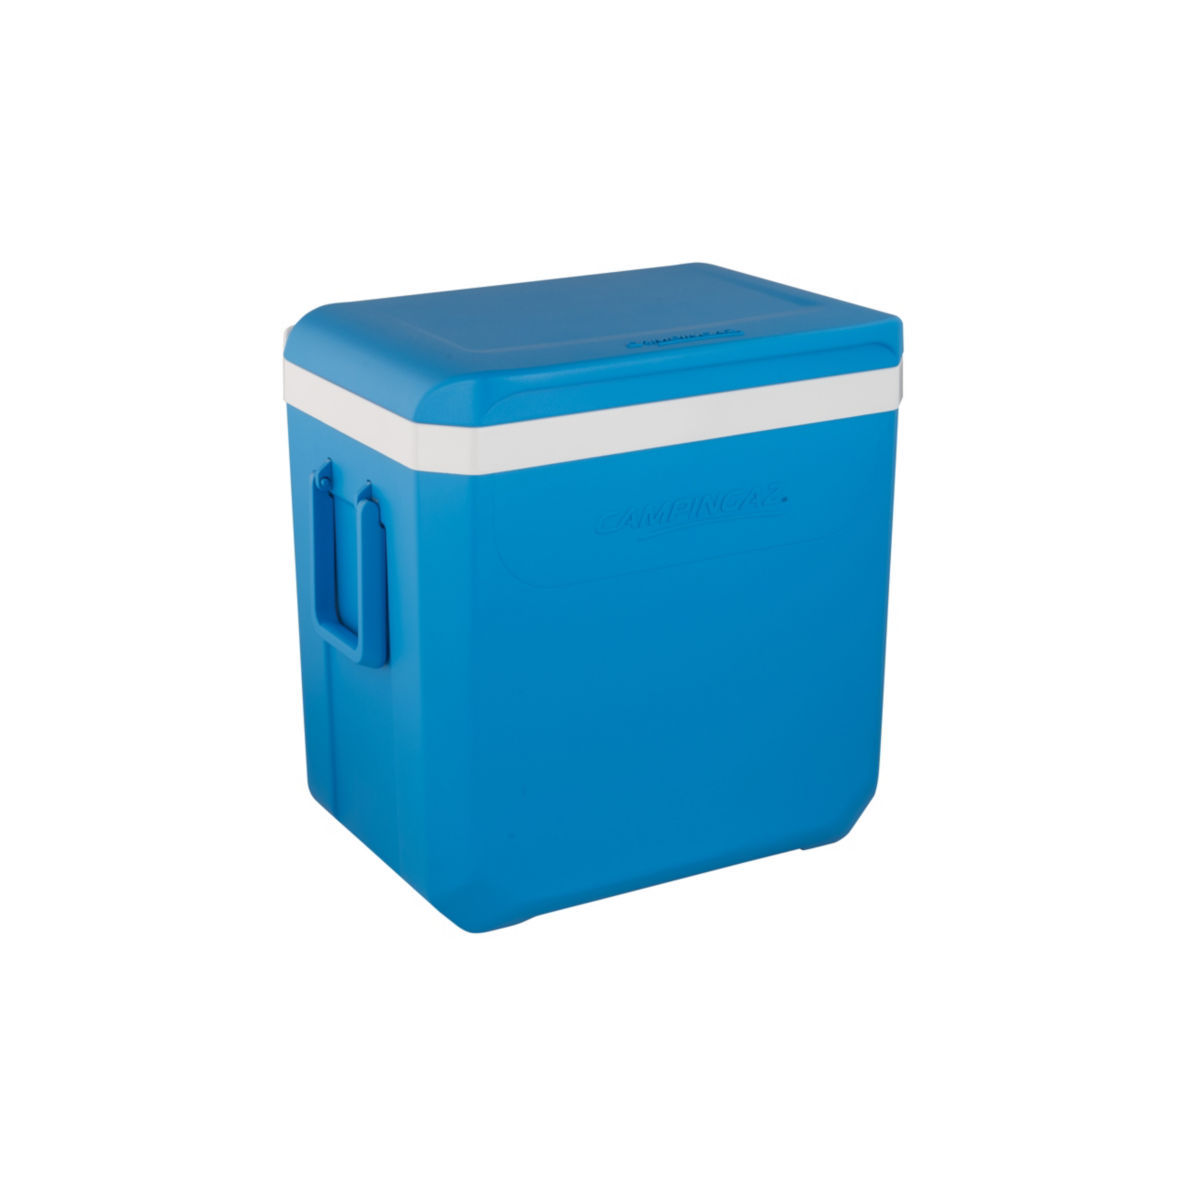 Campingaz Icetime Plus Cooler 42L - 2000024968